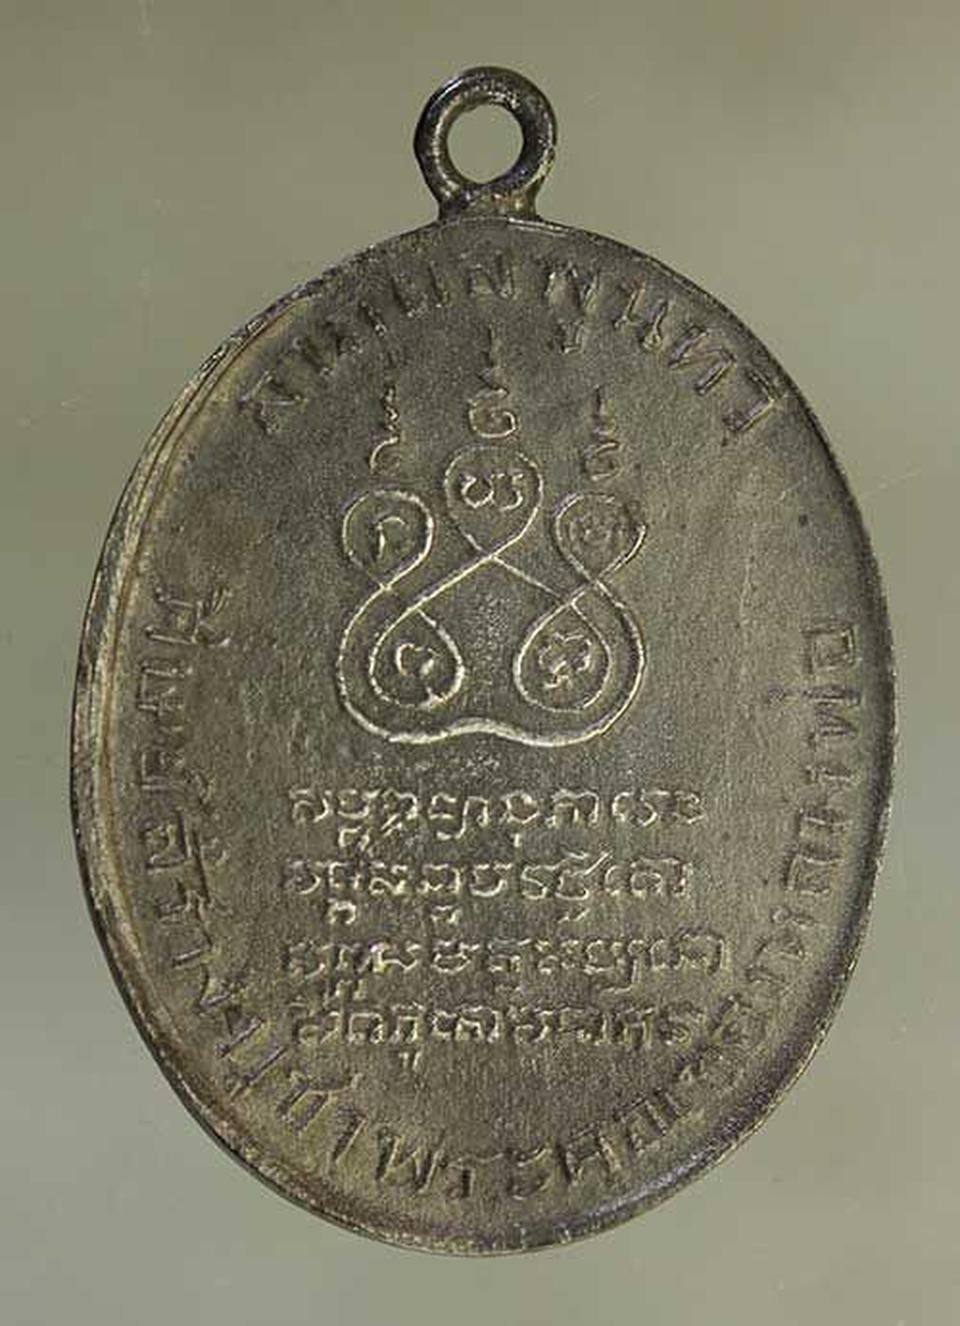 เหรียญ หลวงพ่อคง วัดบางกะพ้อม เนื้อเงิน  j87 รูปที่ 1